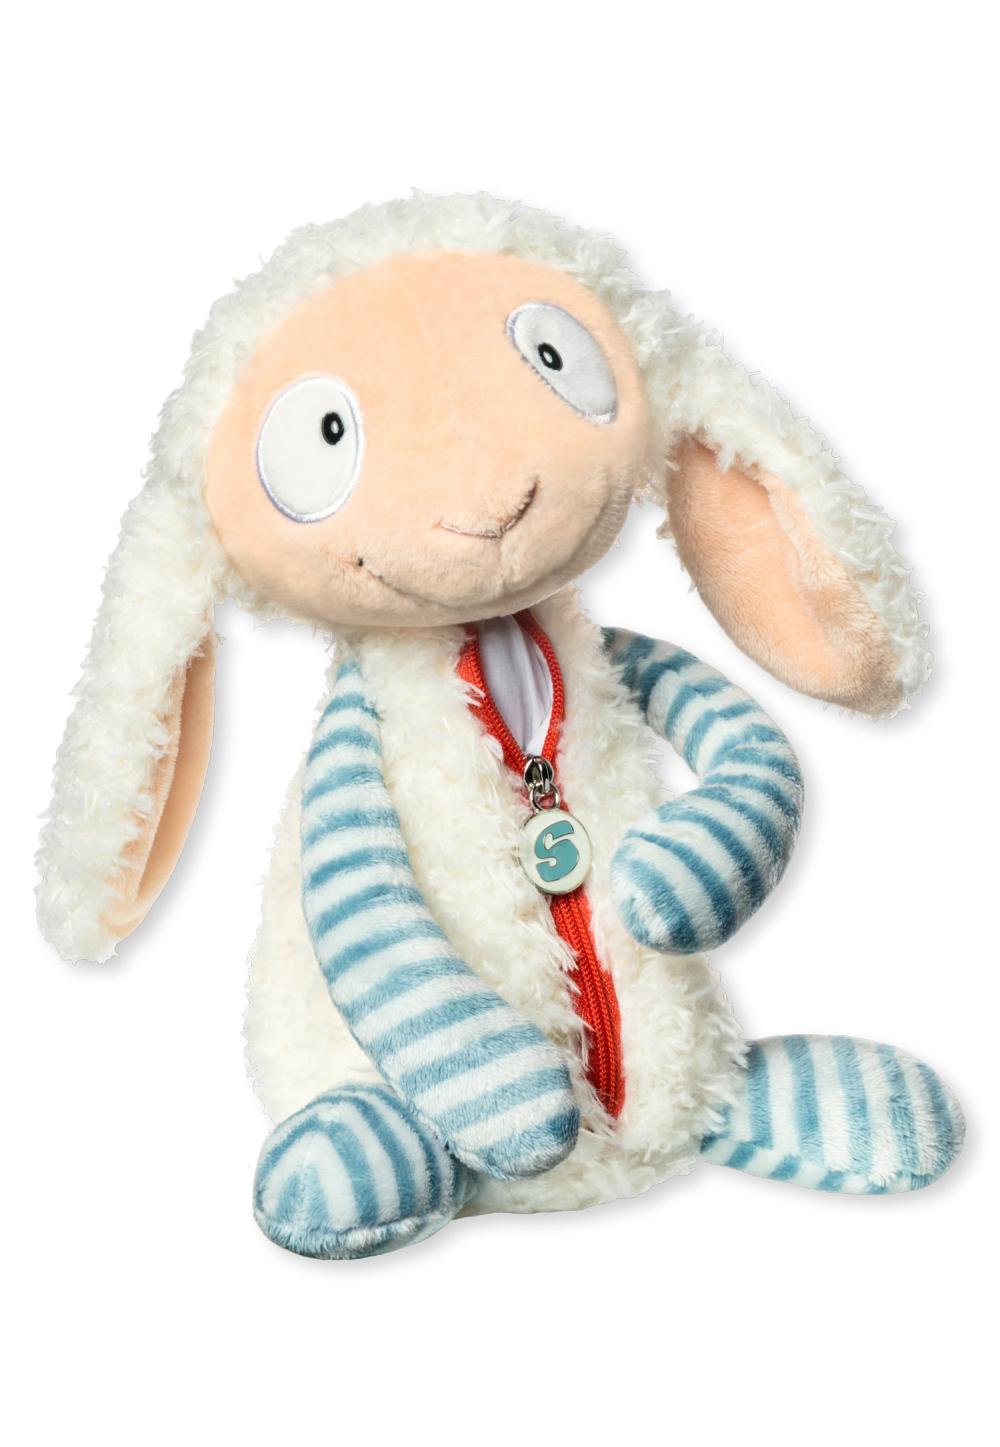 Schiesser: Gratis-Schaf bei Bestellungen von Kindersachen (über 50 Euro Bestellwert)